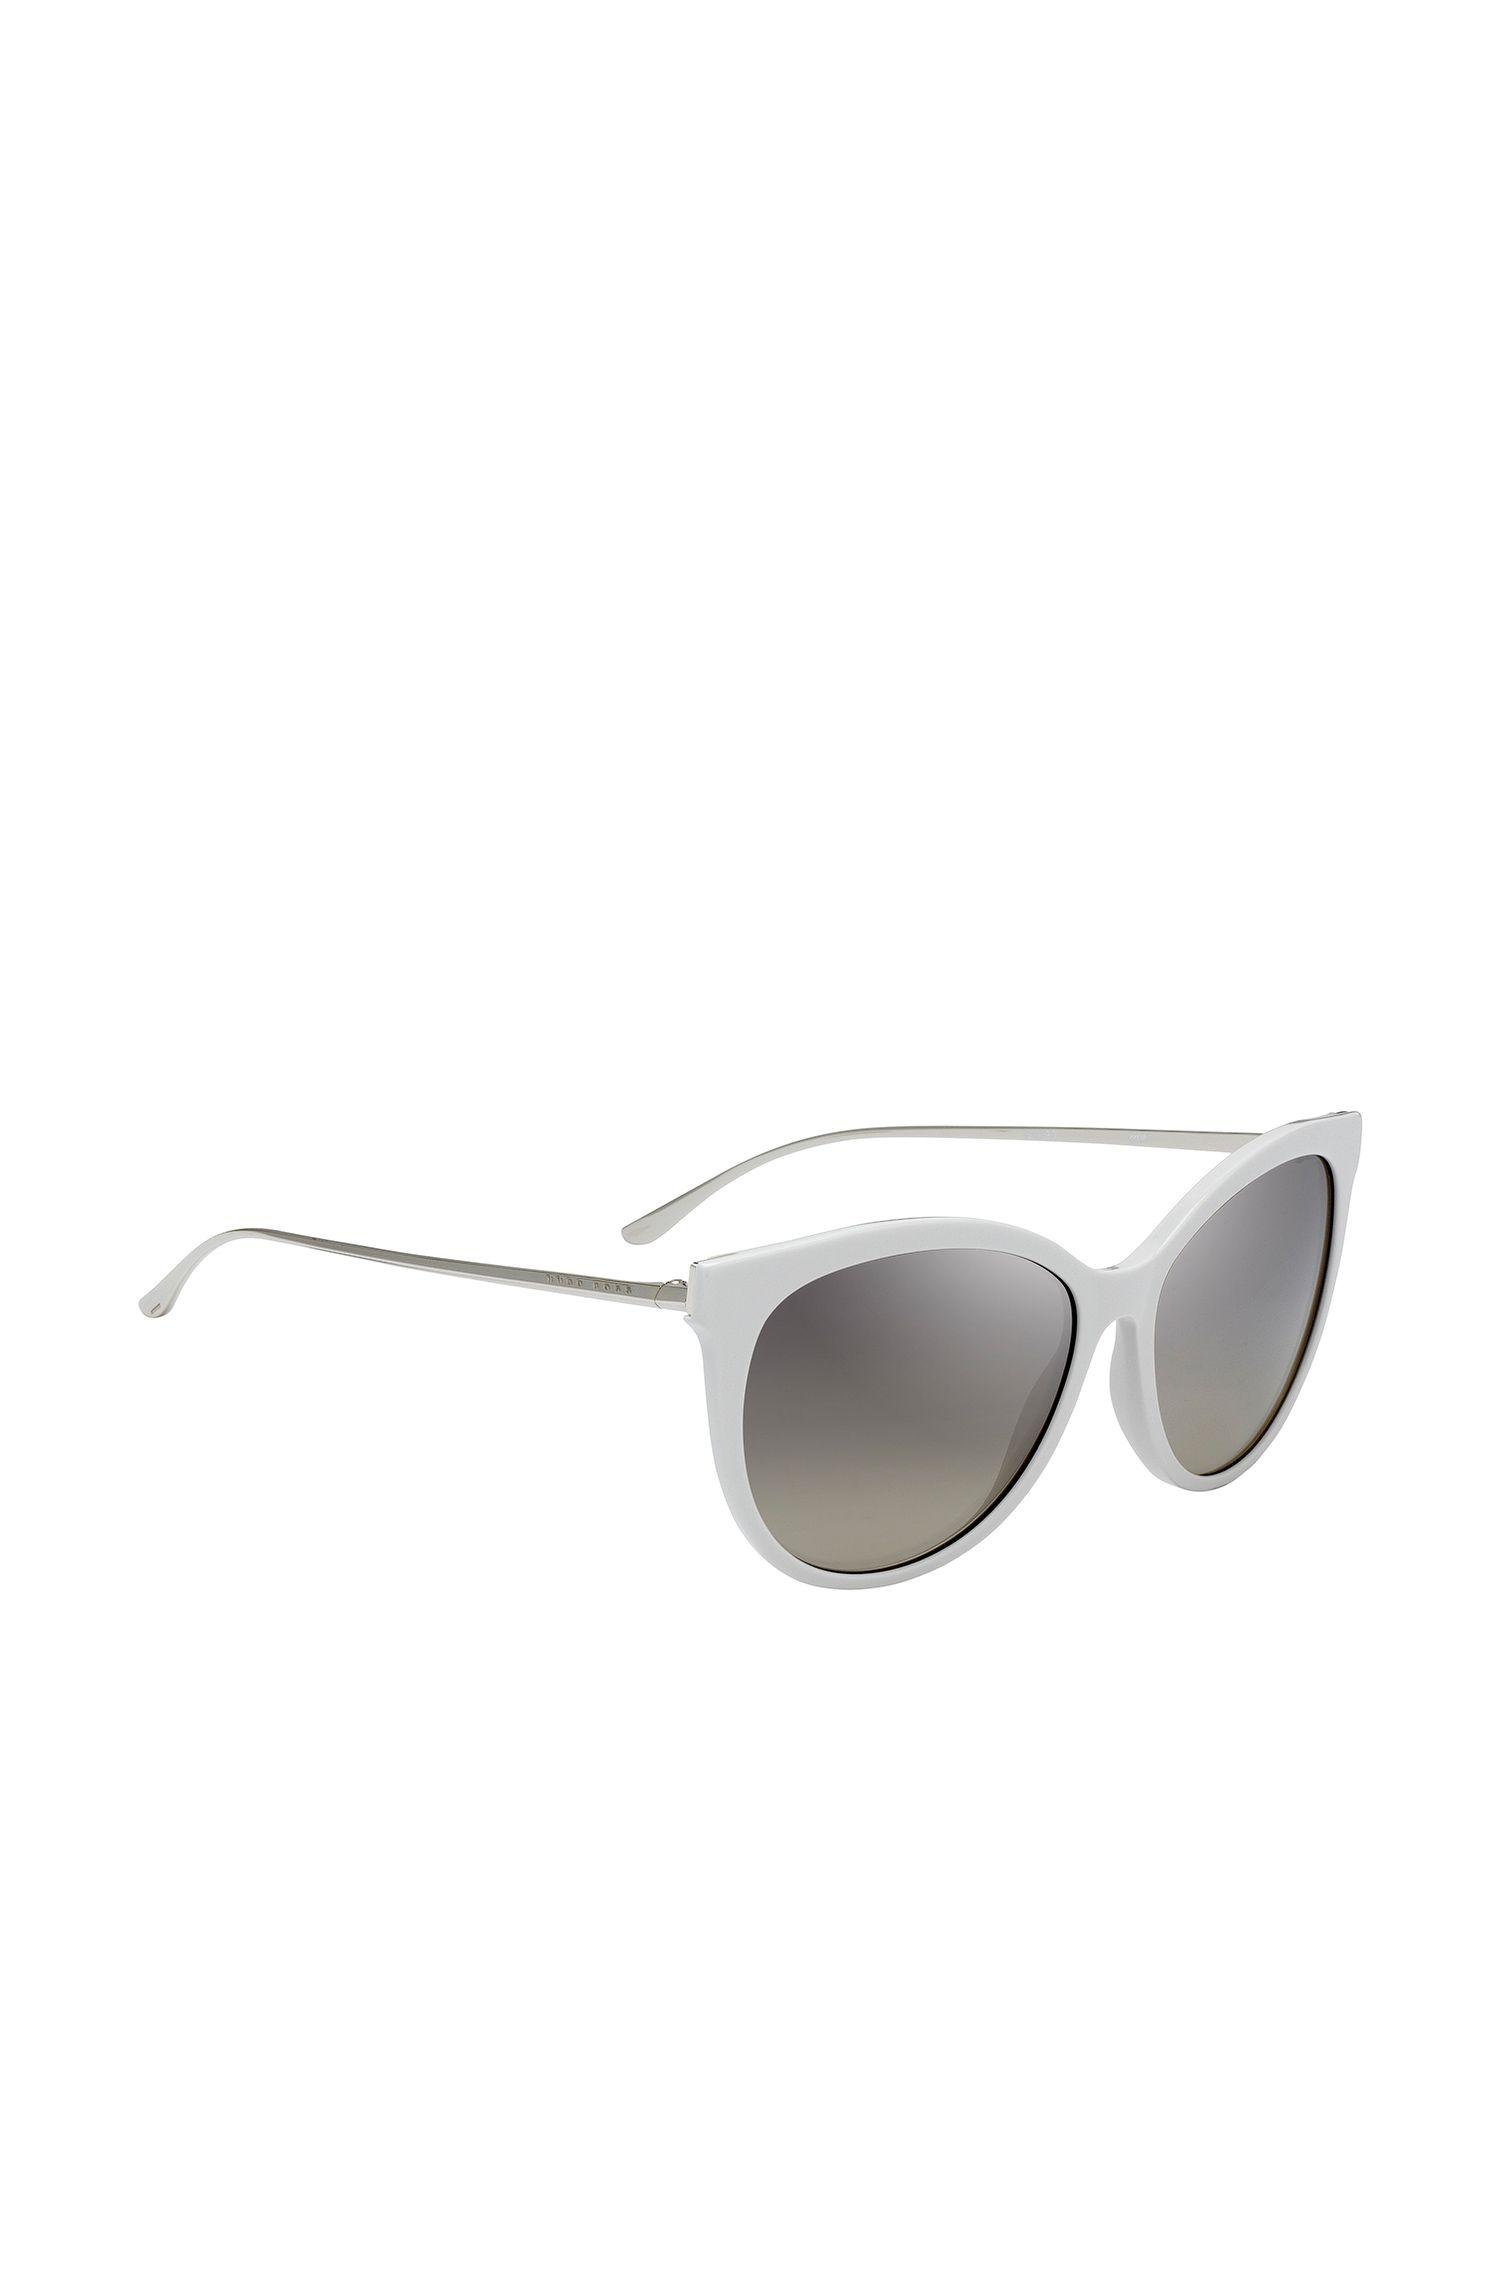 Cateye-Sonnenbrille aus Acetat mit schmalen Bügeln